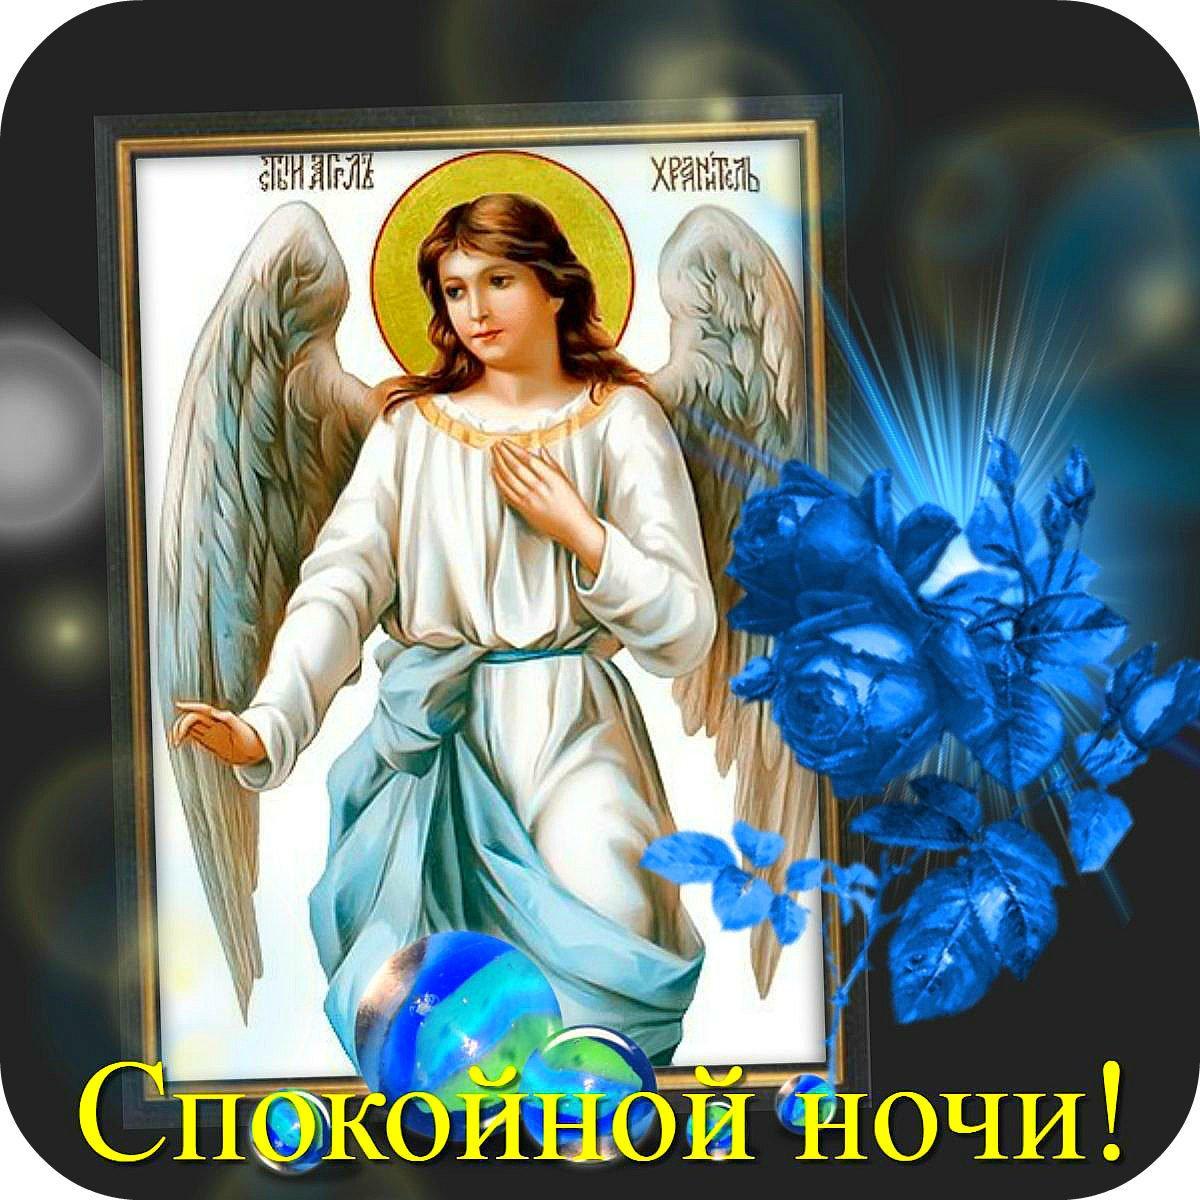 использовать открытка ангела хранителя всем можно сказать